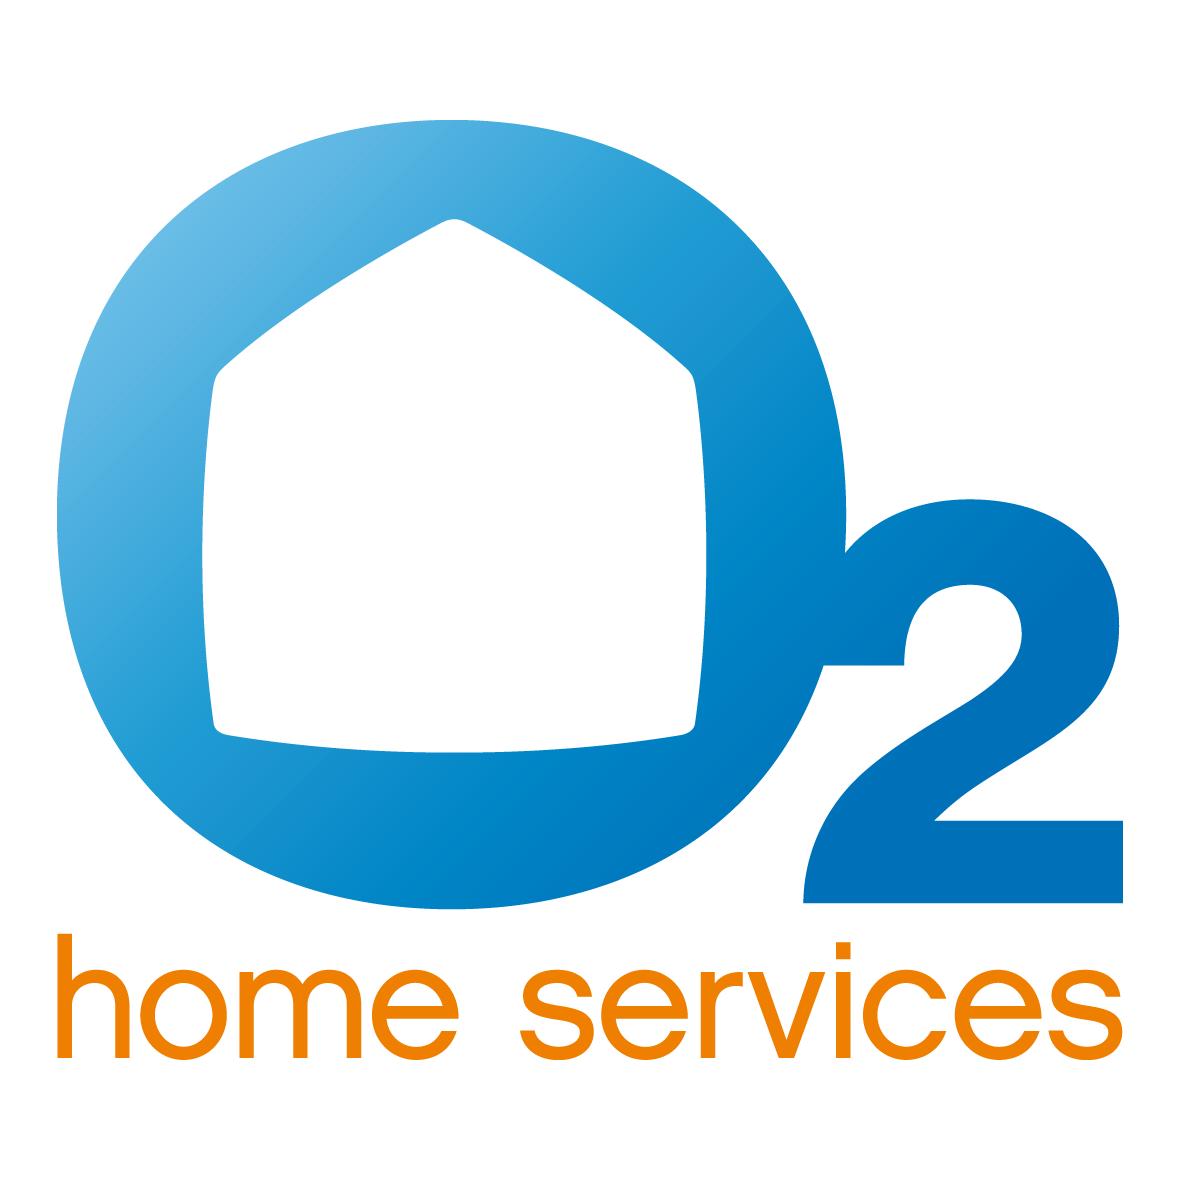 o2-home-services